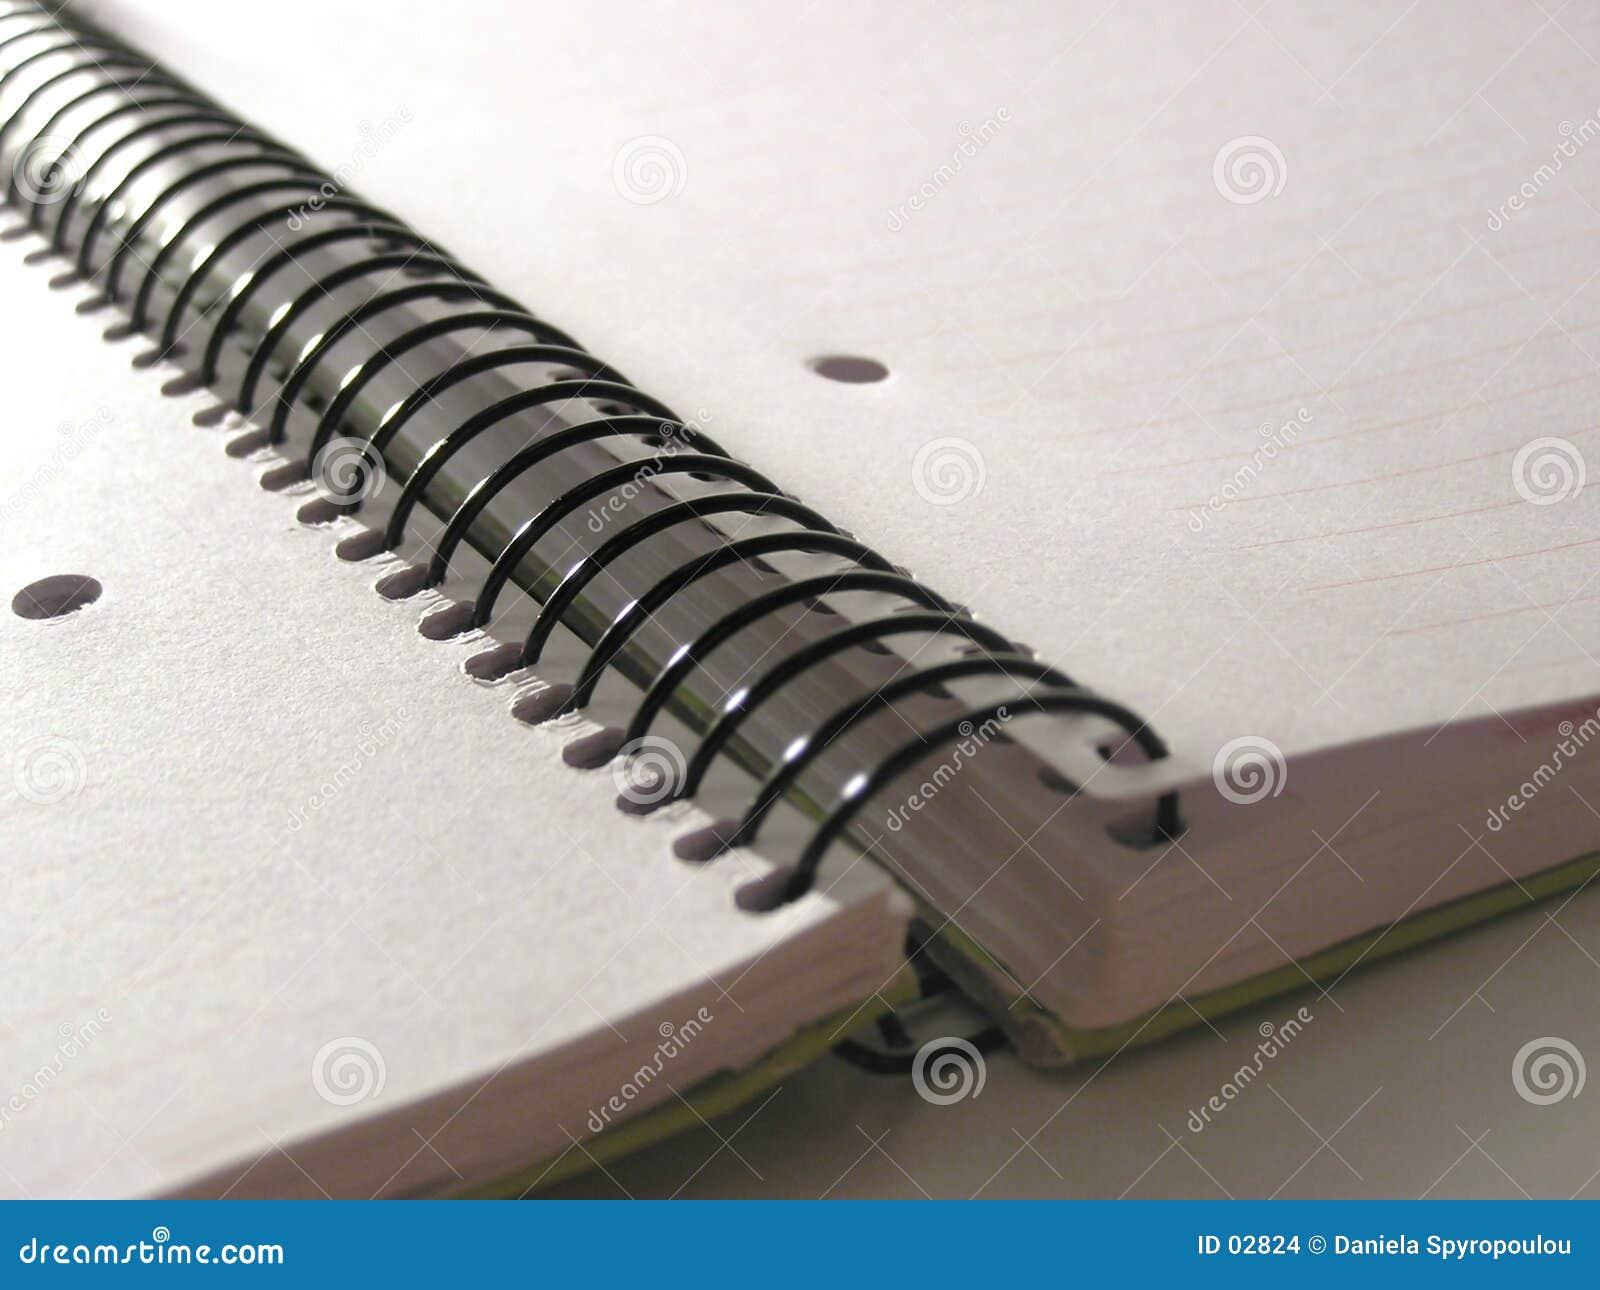 Download Taccuino fotografia stock. Immagine di manuale, lettera, lettere - 2824